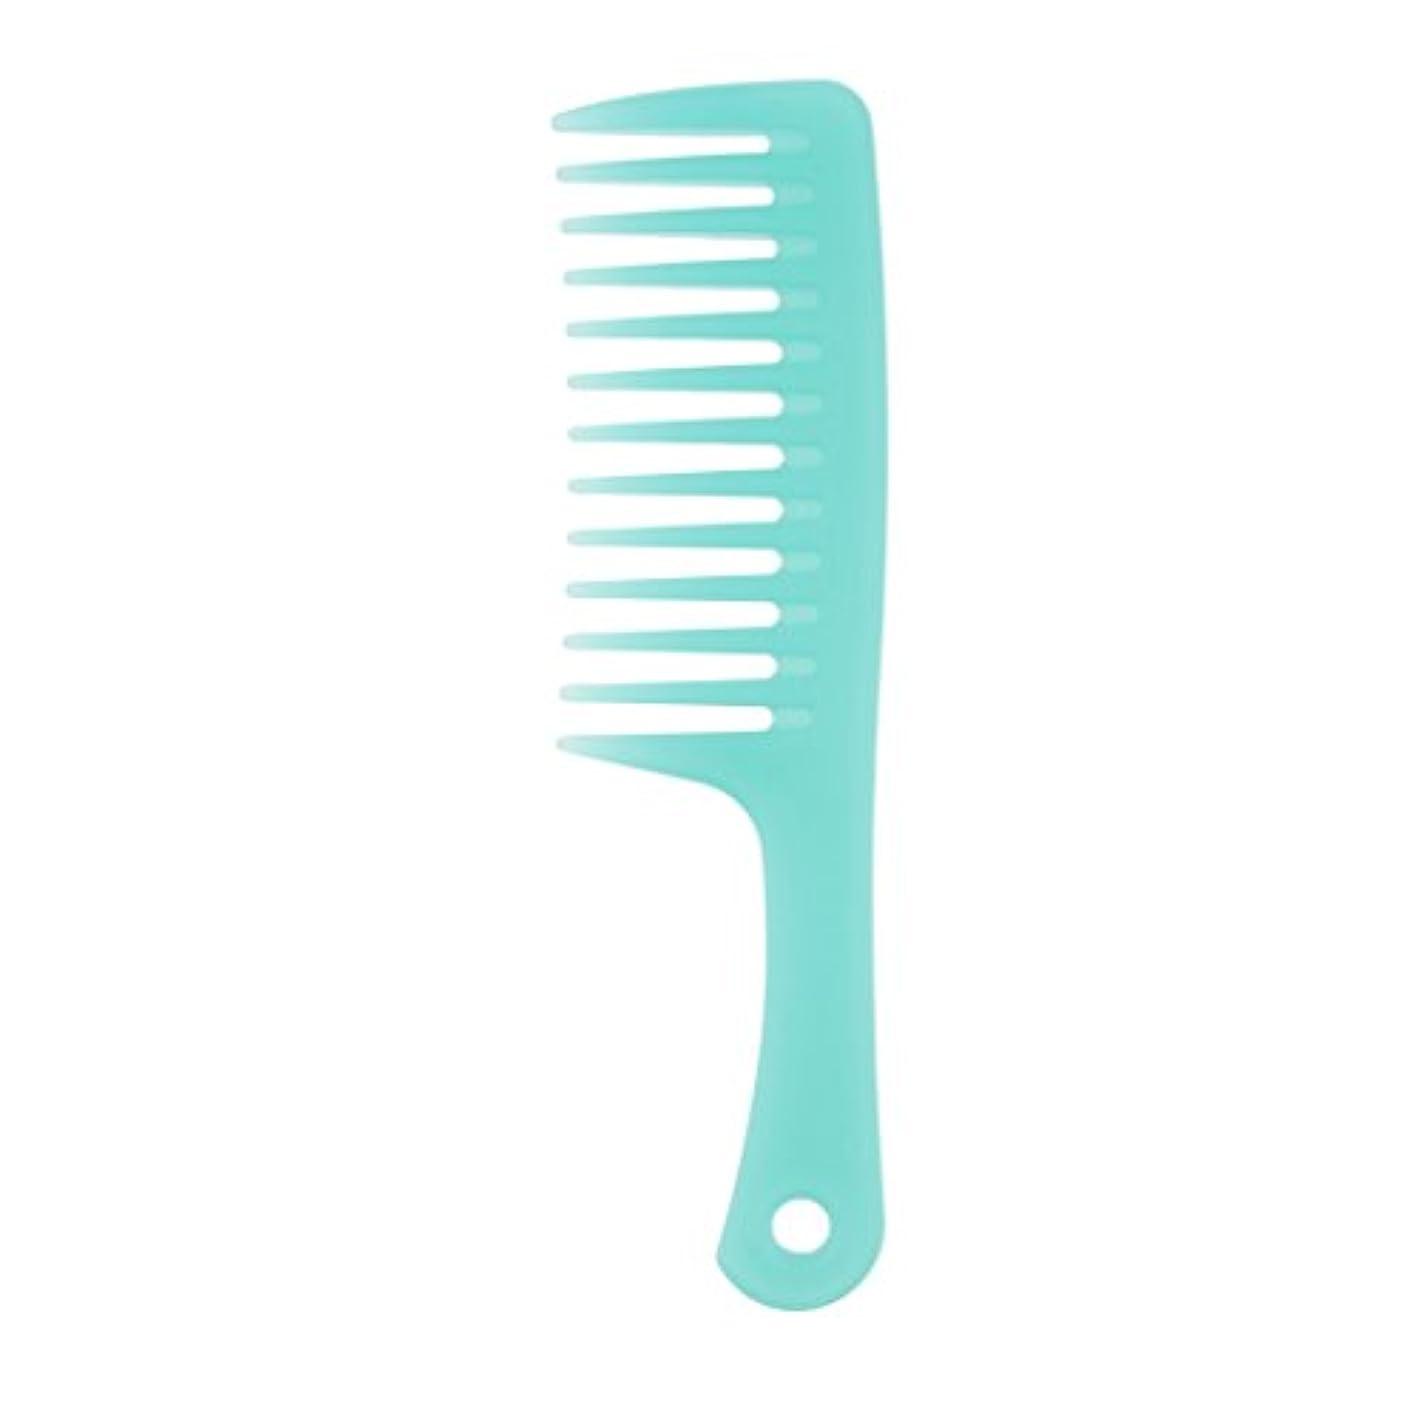 ジャンク泣き叫ぶメガロポリスToygogo 耐久性のある櫛ブラシ傘ハンドルカーリー&もつれを取り除くための広い歯櫛ブラシ帯電防止、青 - B